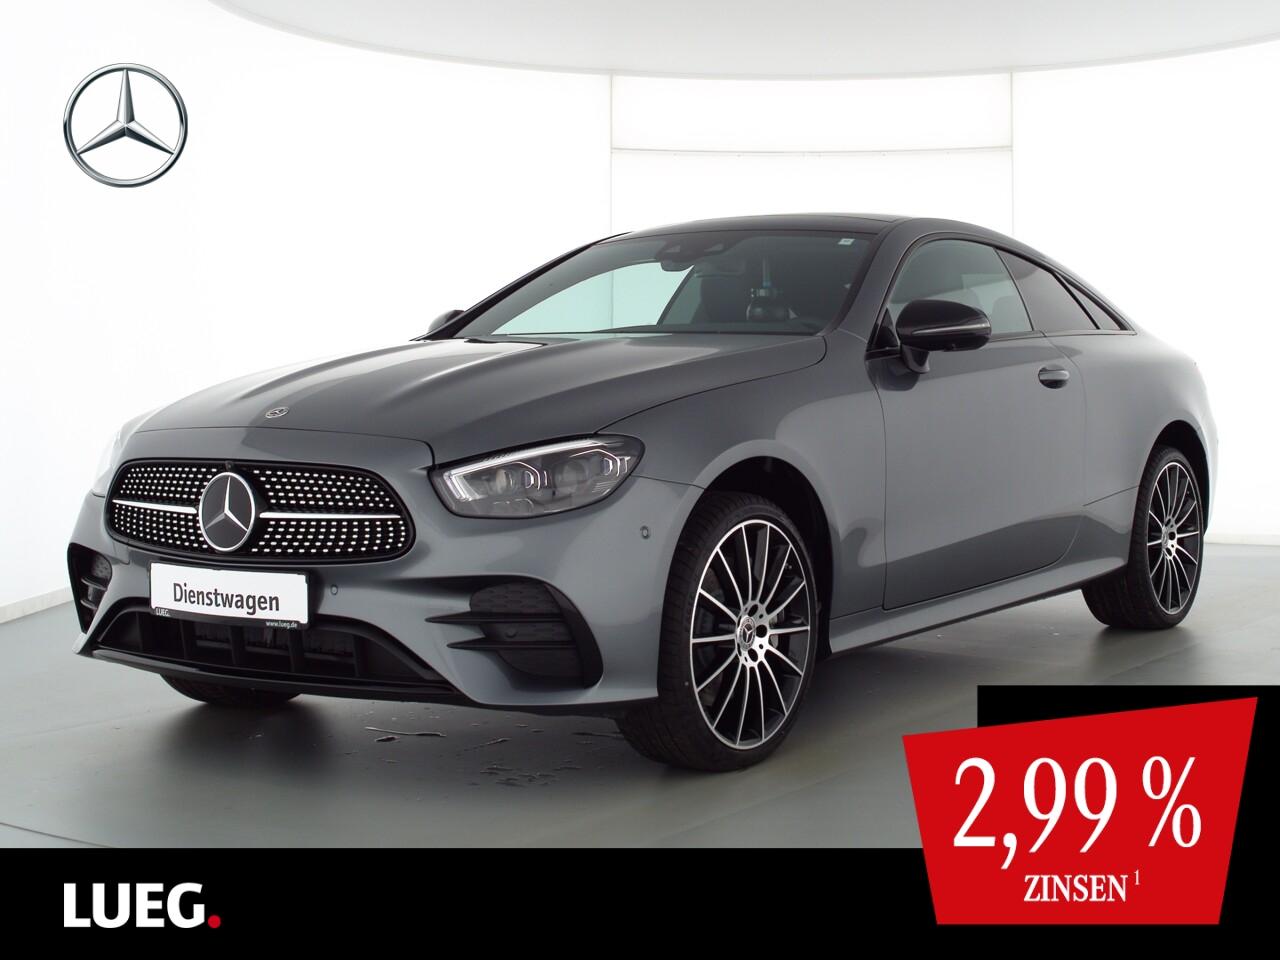 Mercedes-Benz E 450 4M Coupé AMG+20''+AIRMAT+STDHZG+PANO+360°, Jahr 2021, Benzin